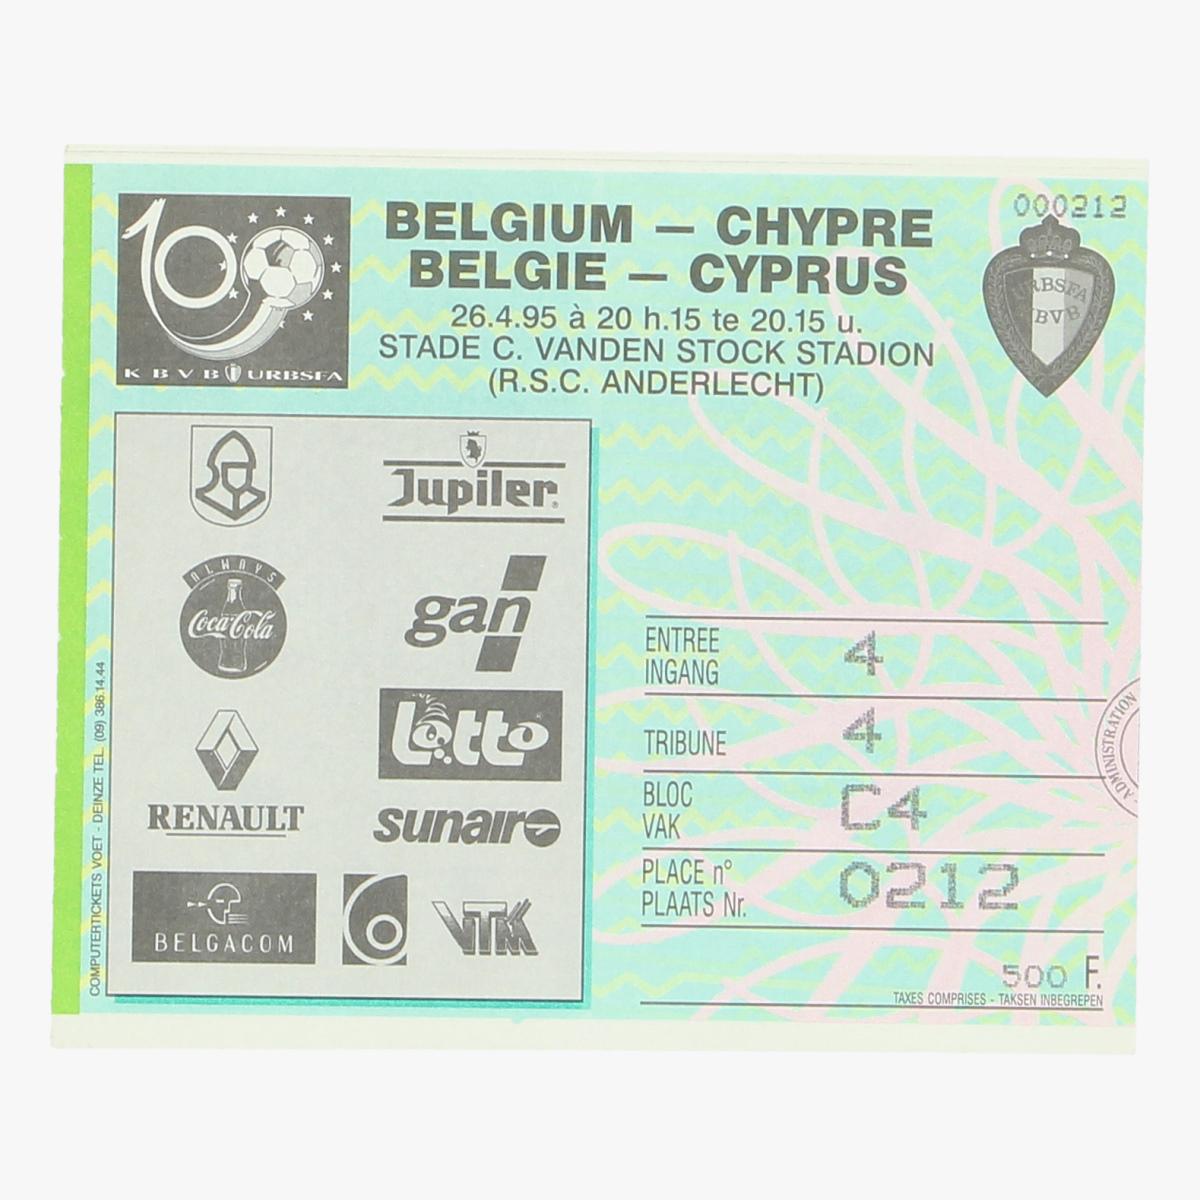 Afbeeldingen van voetbalticket  Belgie - Cyprus 1995